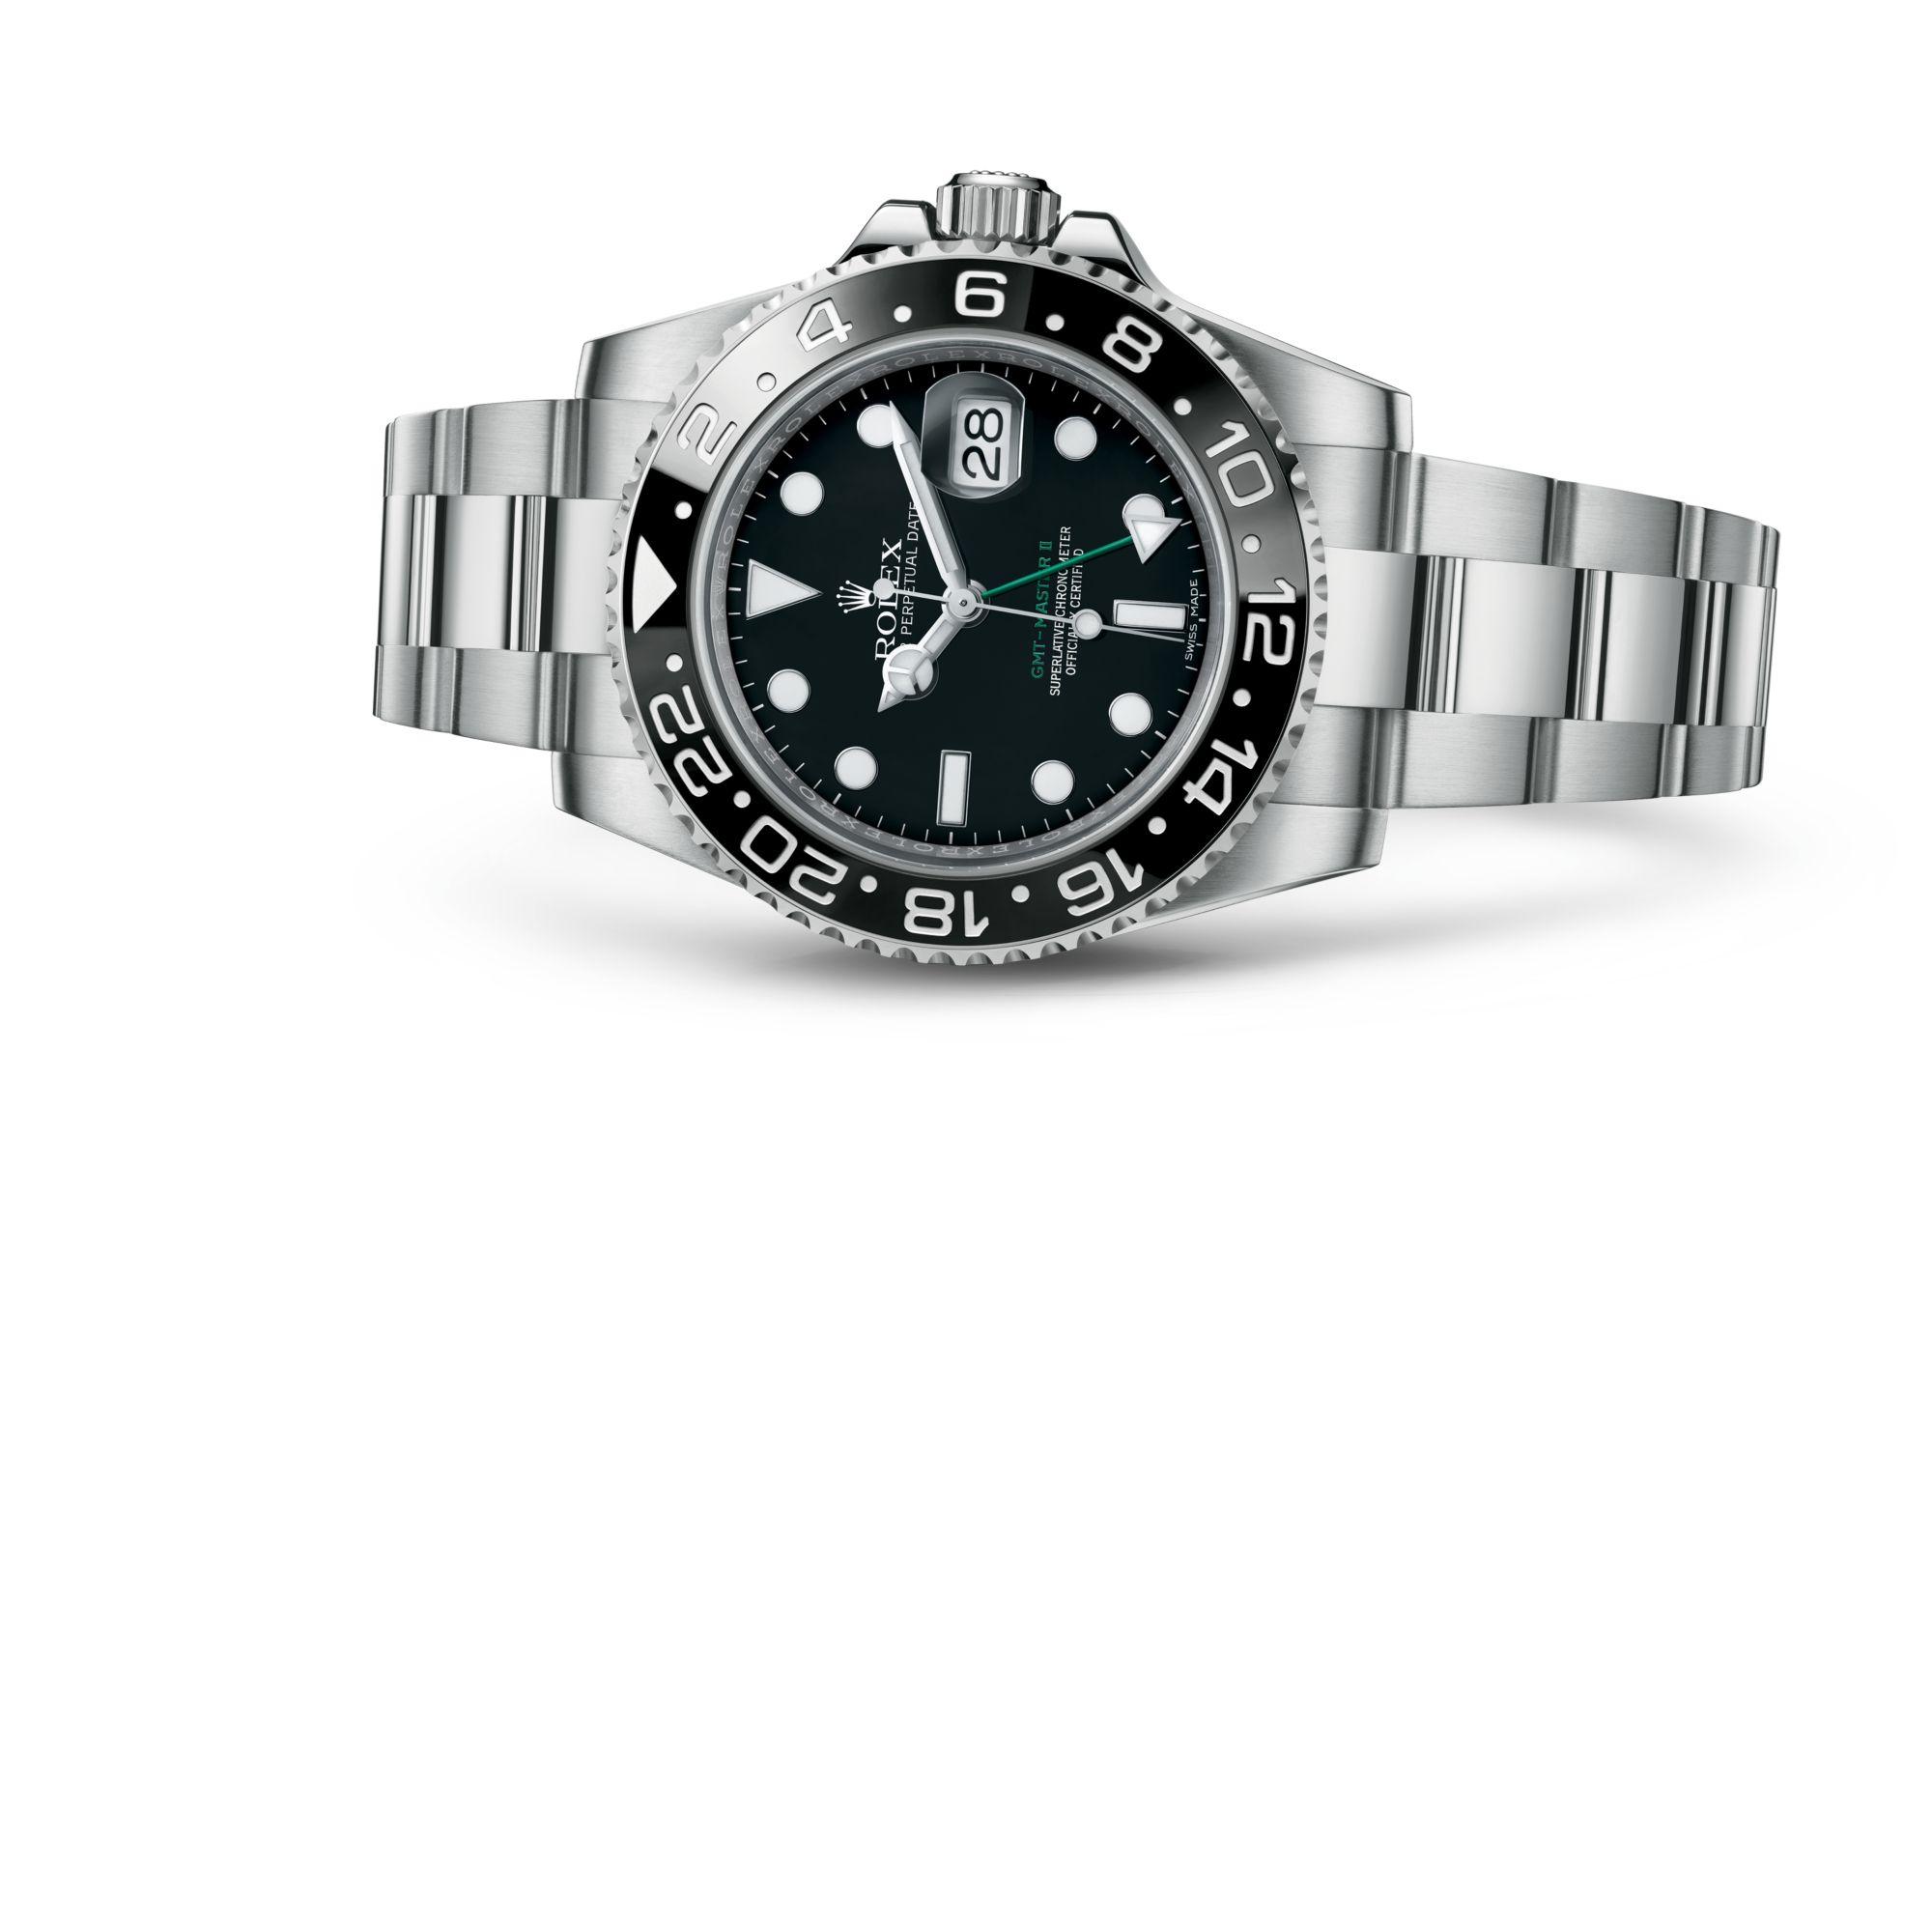 Rolex جي ام تي ماستر II M116710LN-0001